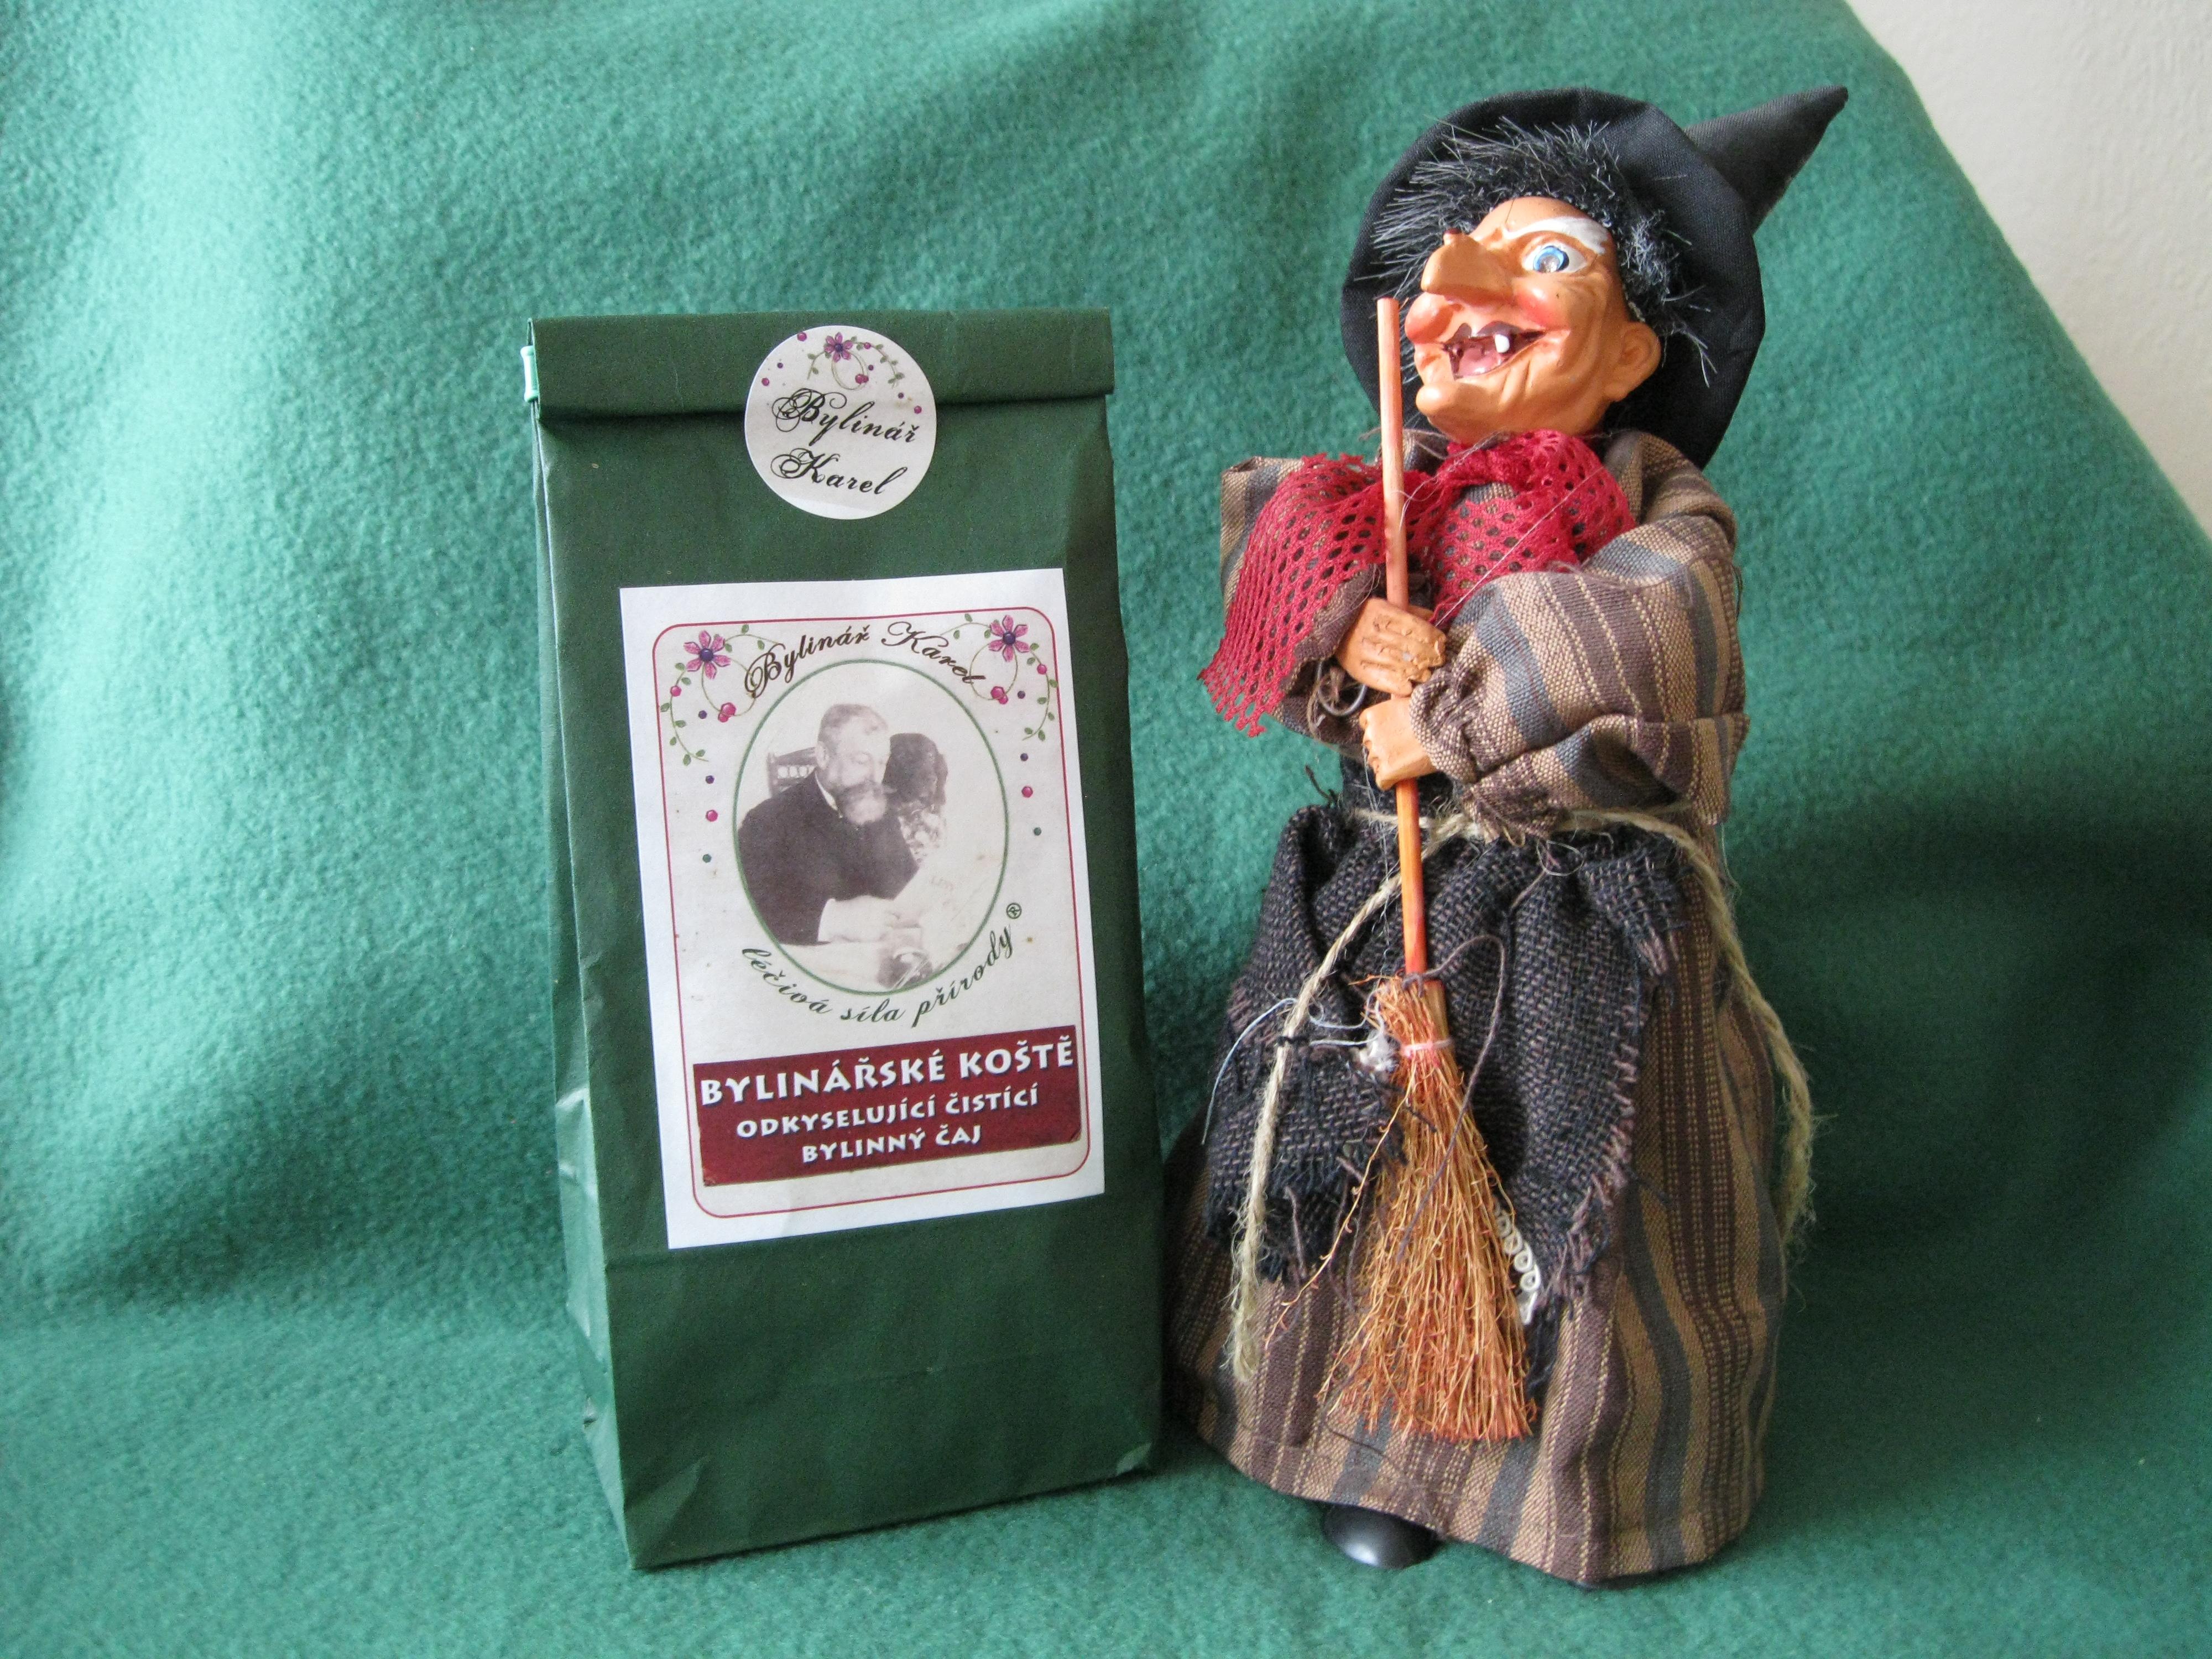 Bylinářské koště čistící odkyselující bylinný čaj